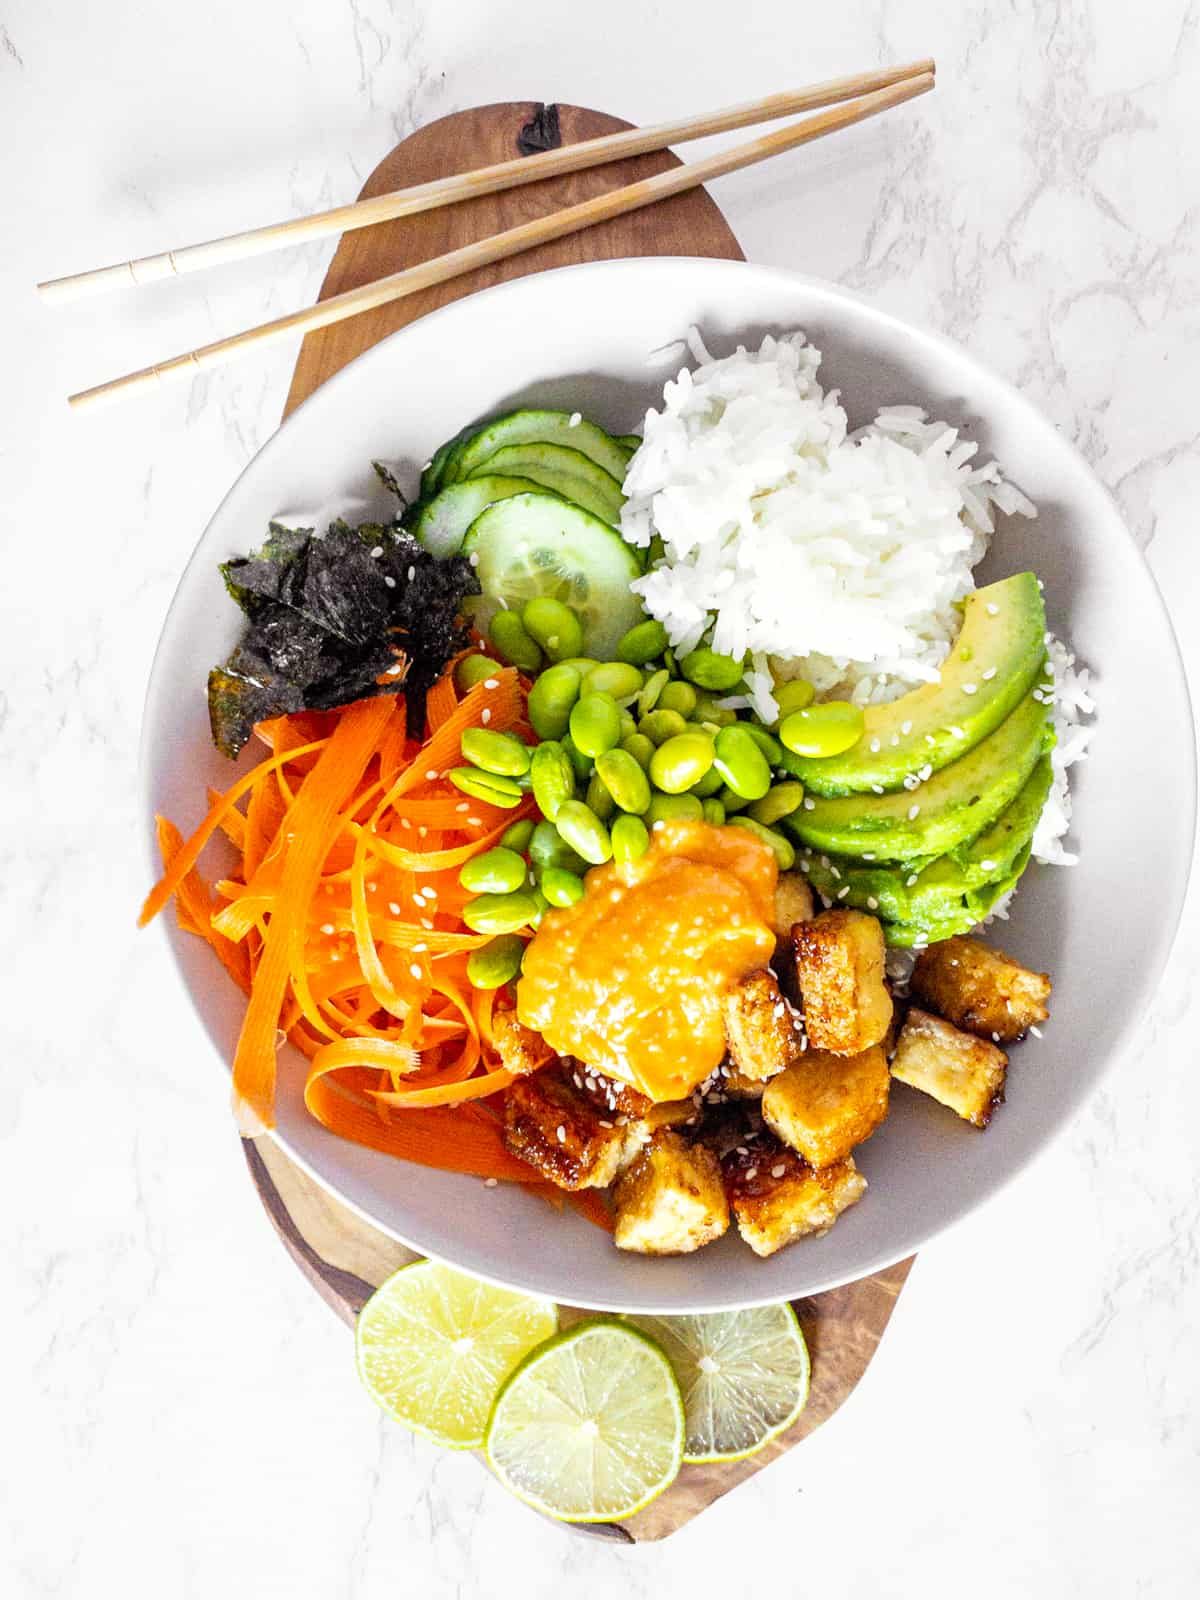 eine Sushi Bowl mit Tofu au einem Holzbrett mit Essstäbchen